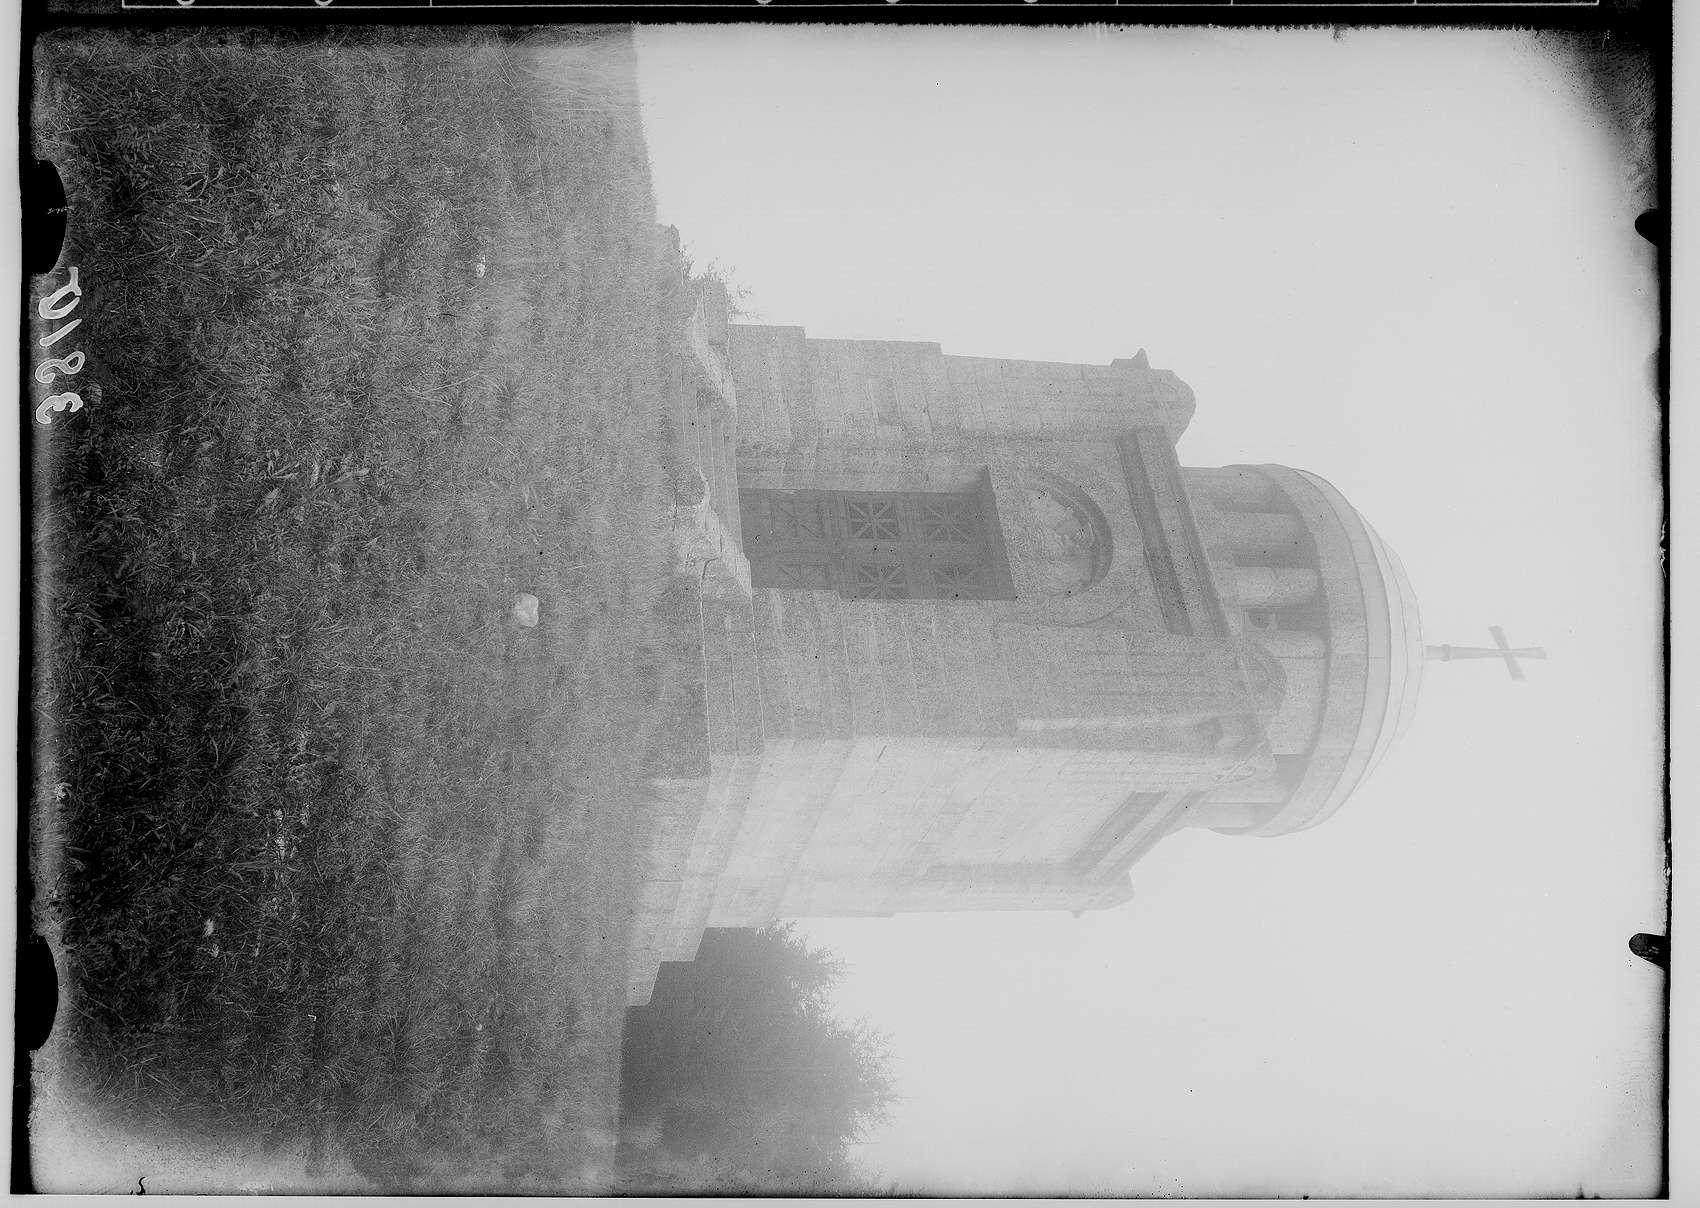 Ostrach; Kriegerdenkmal, Bild 1